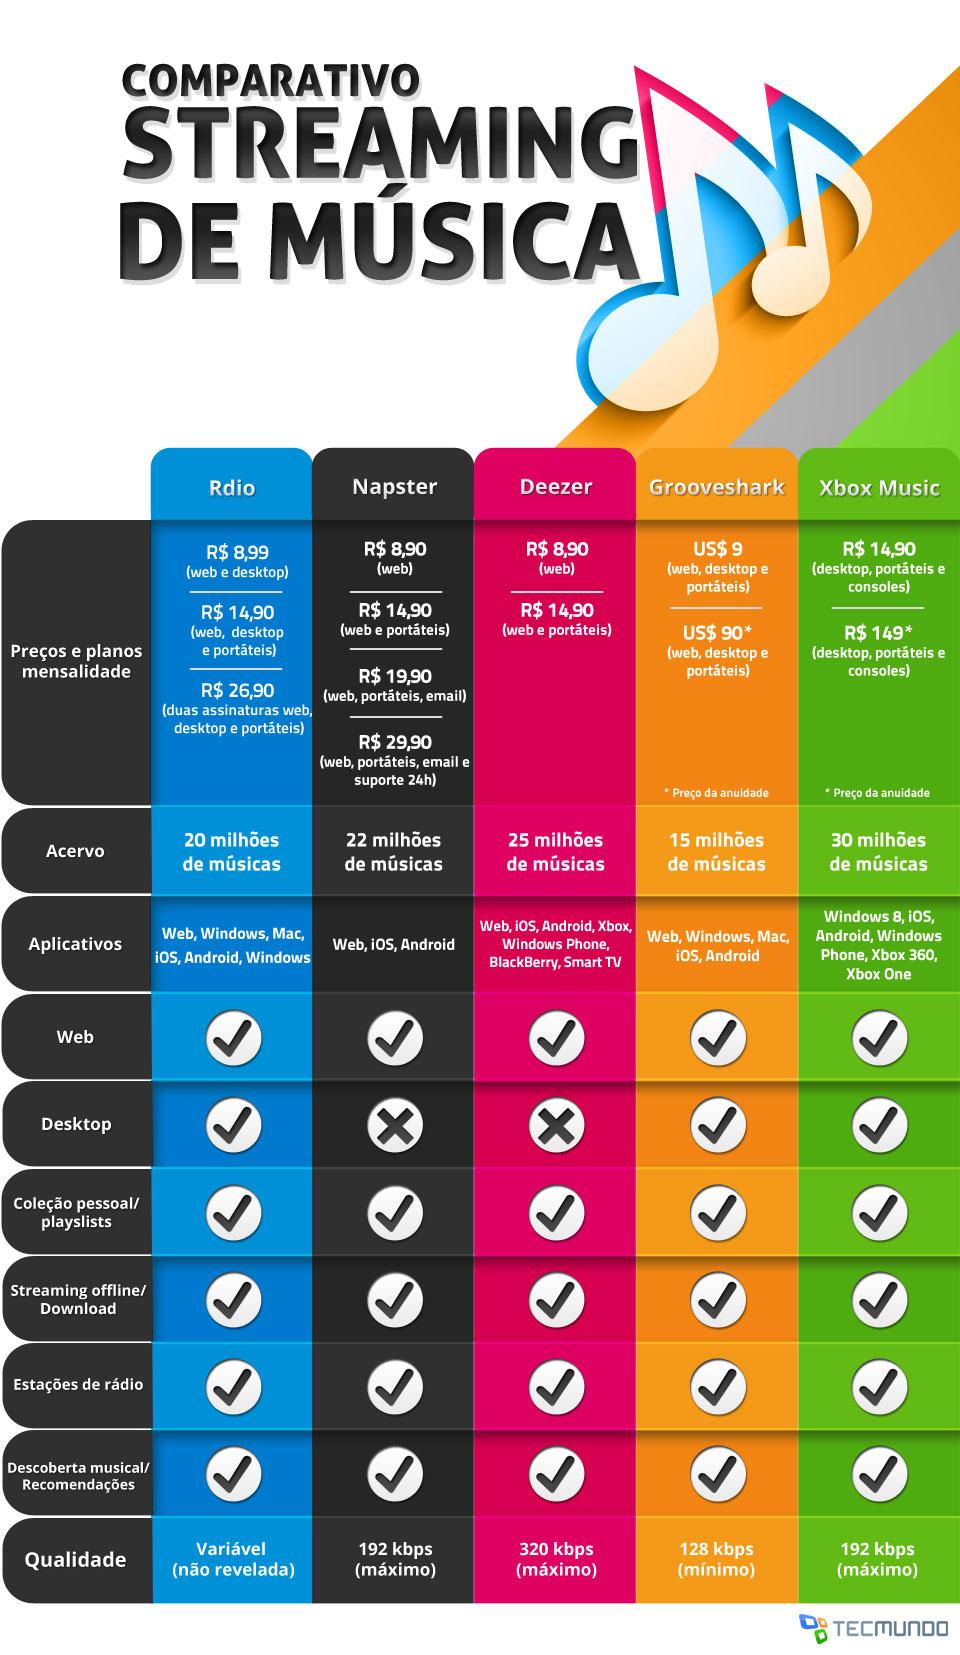 Comparativo: quanto custam os principais serviços de streaming de música?